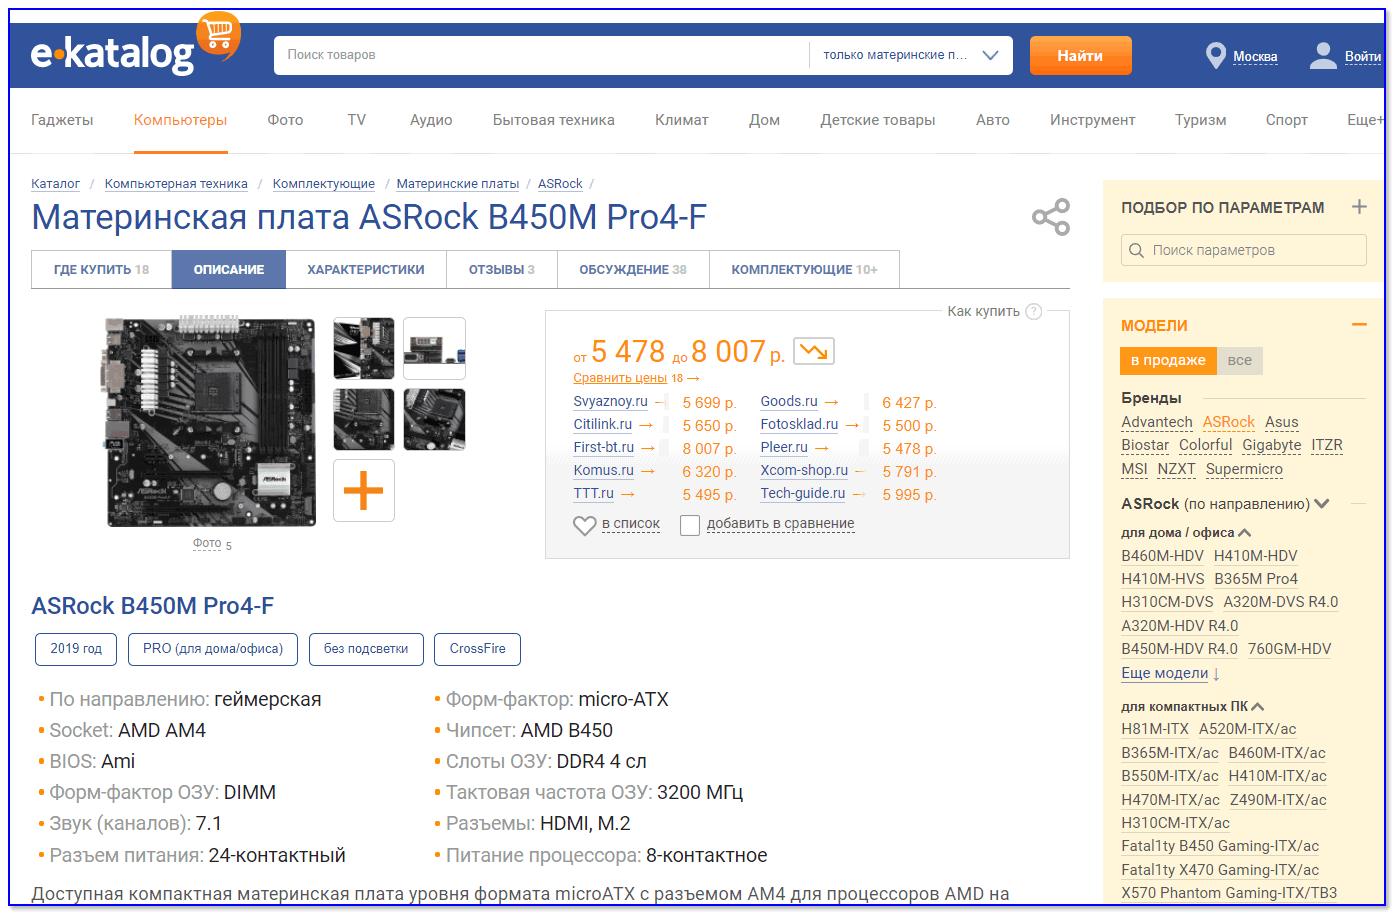 Скриншот главной страницы Е-каталога